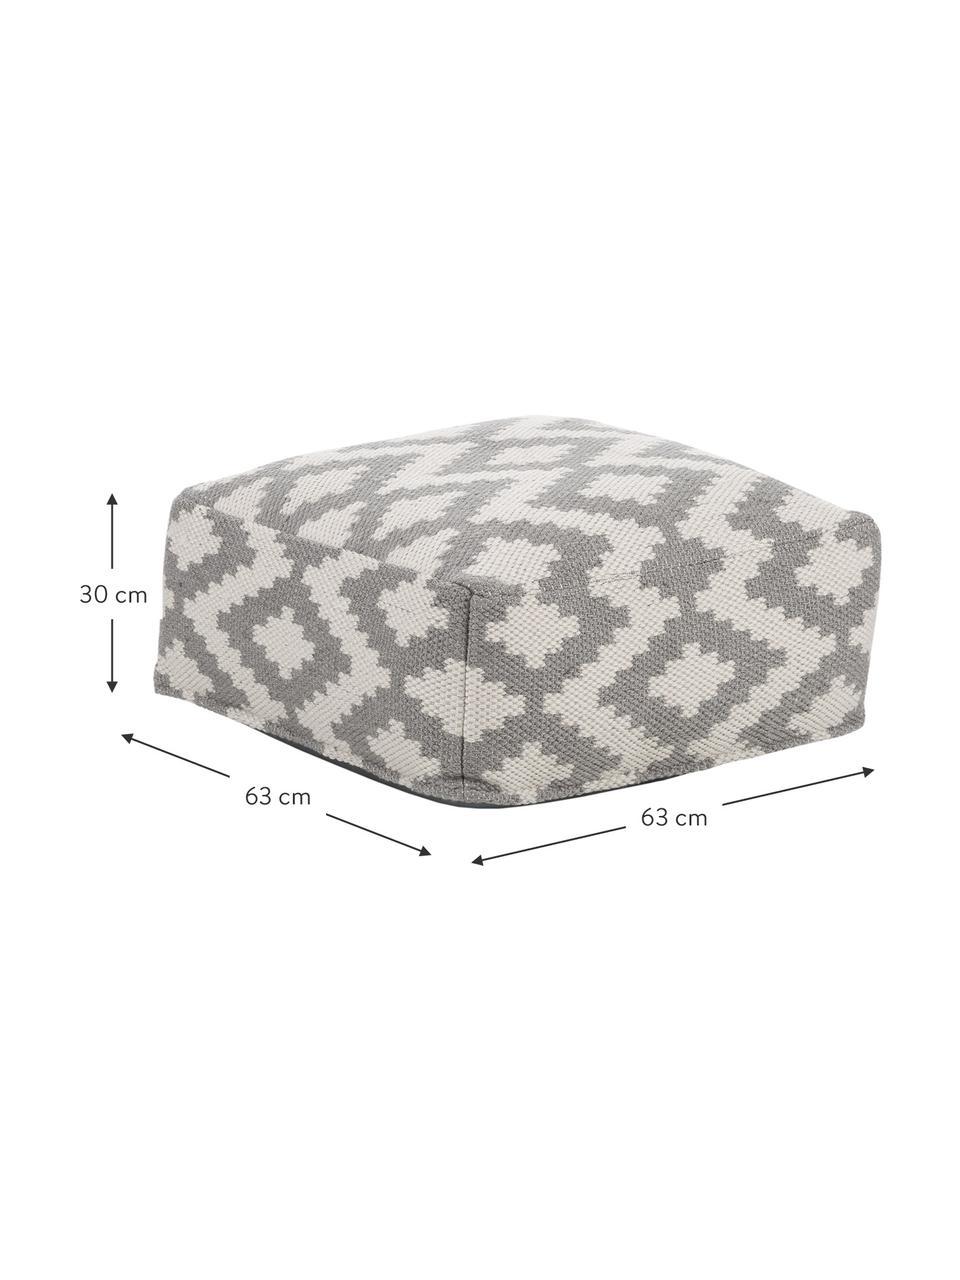 Ręcznie tkana poduszka podłogowa wewnętrzna/zewnętrzna Napua, Szary, ecru, S 63 x W 30 cm